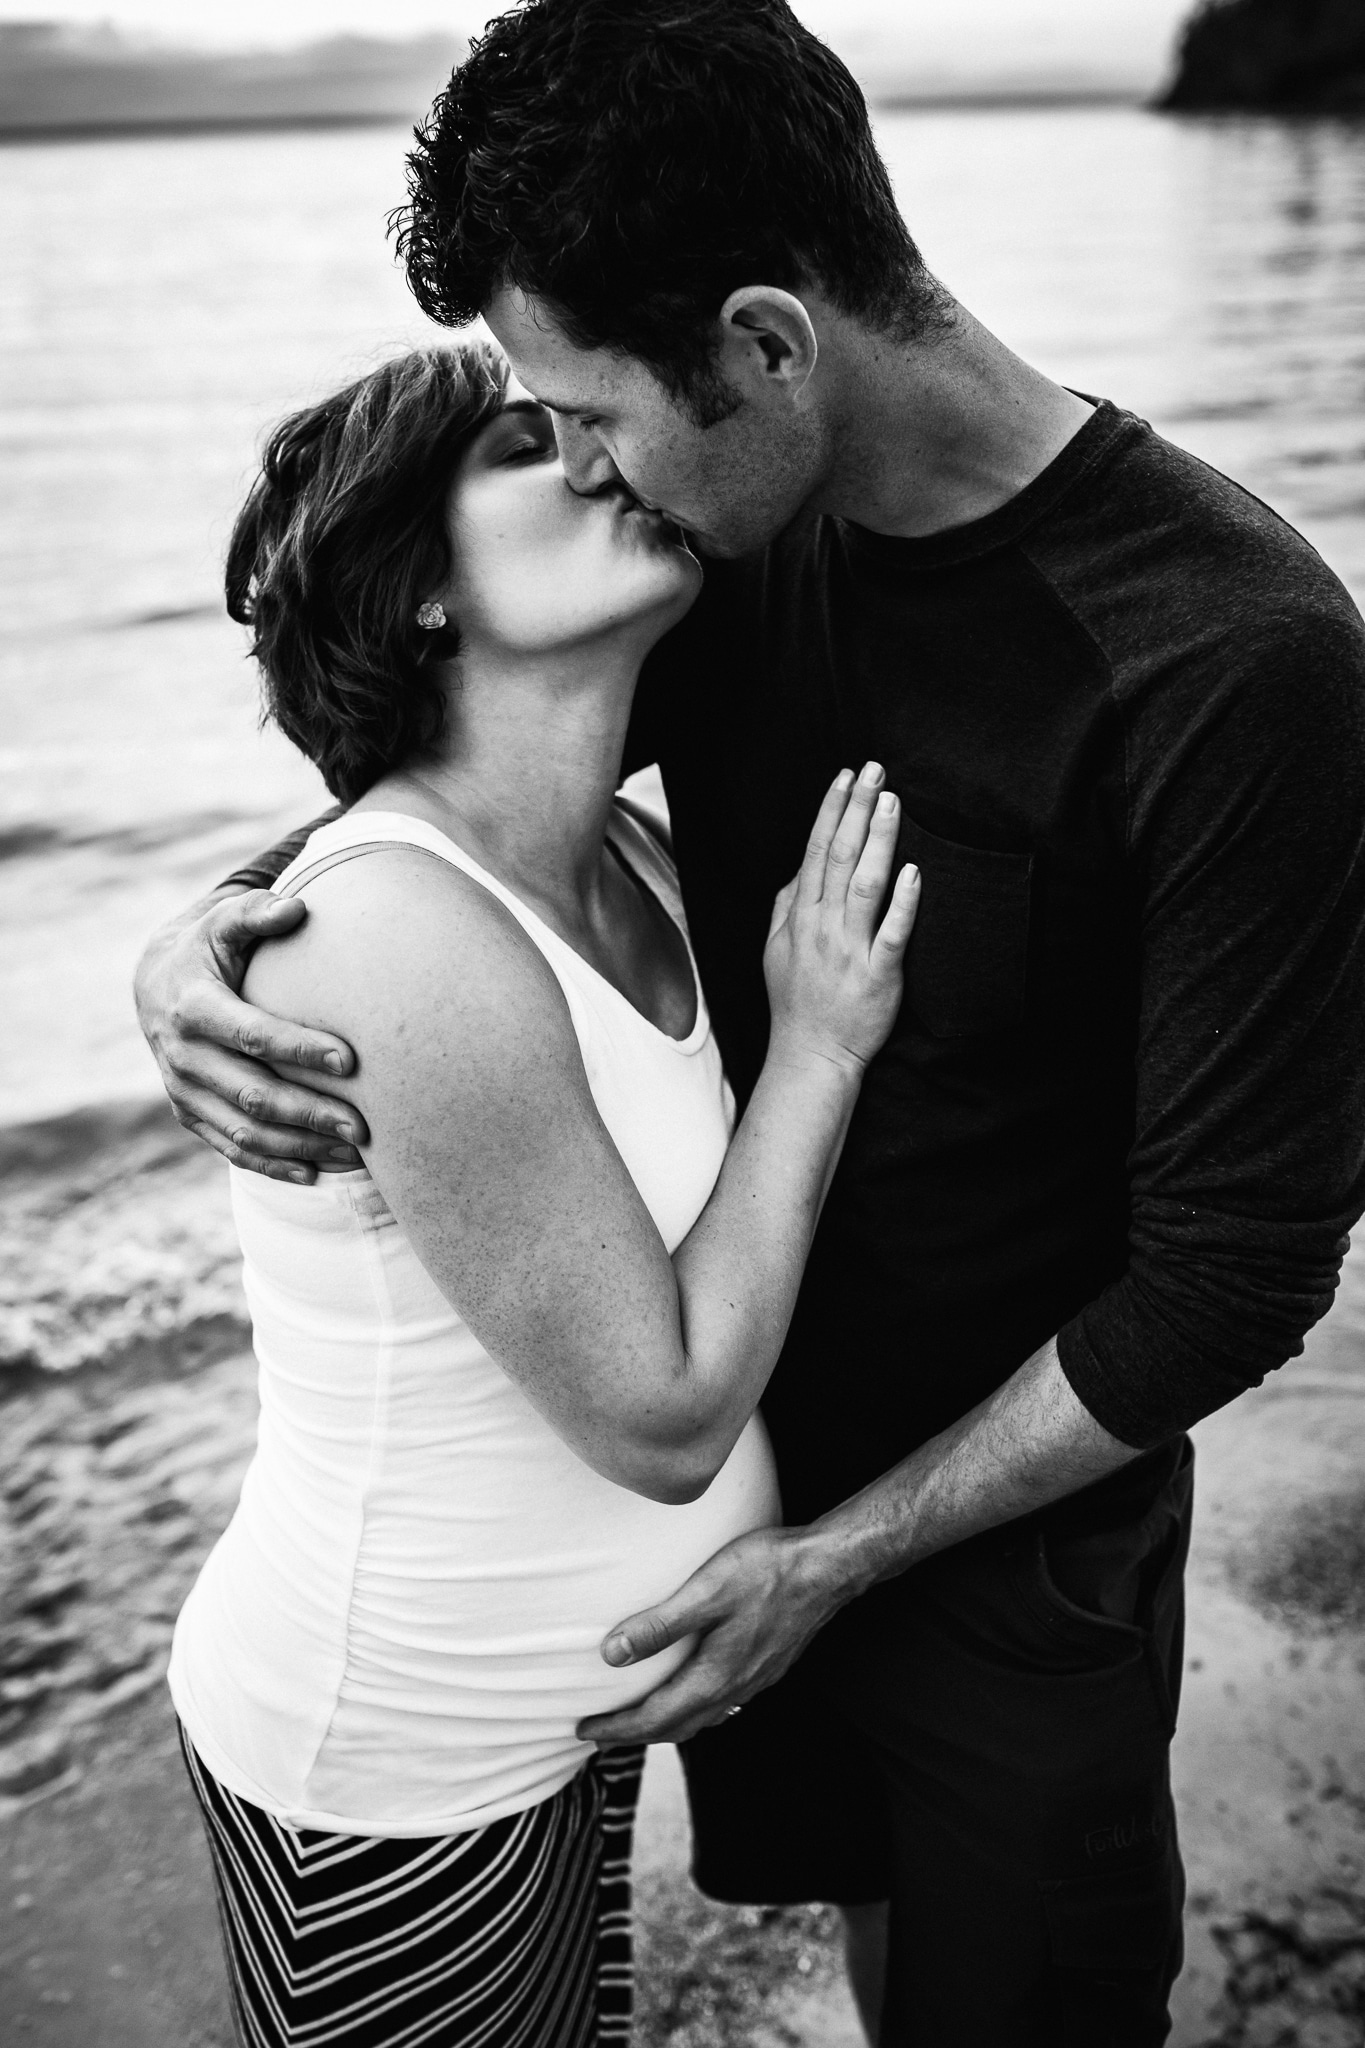 Alina-Joy-Photography-Cold-Lake-Lifestyle-Photographer-85.jpg